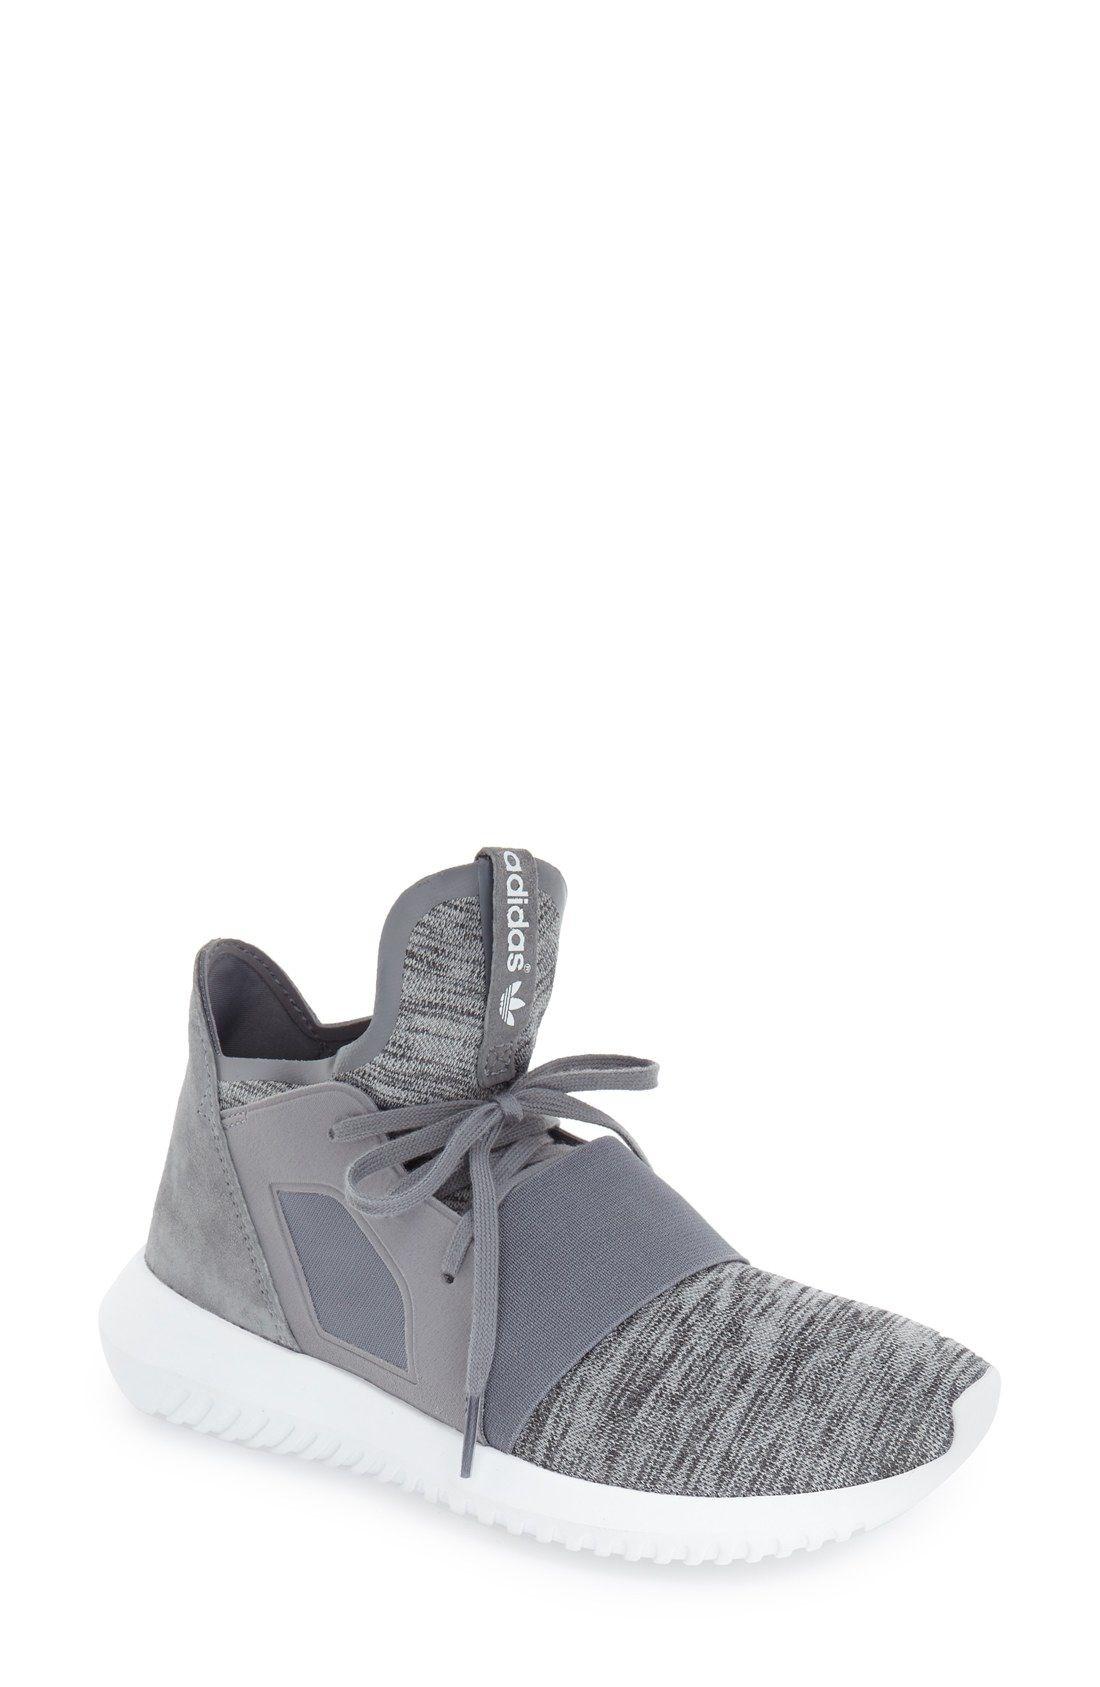 adidas 'Tubular Defiant' Zapatillas (Mujer) available at at at Nordstrom 1b1446